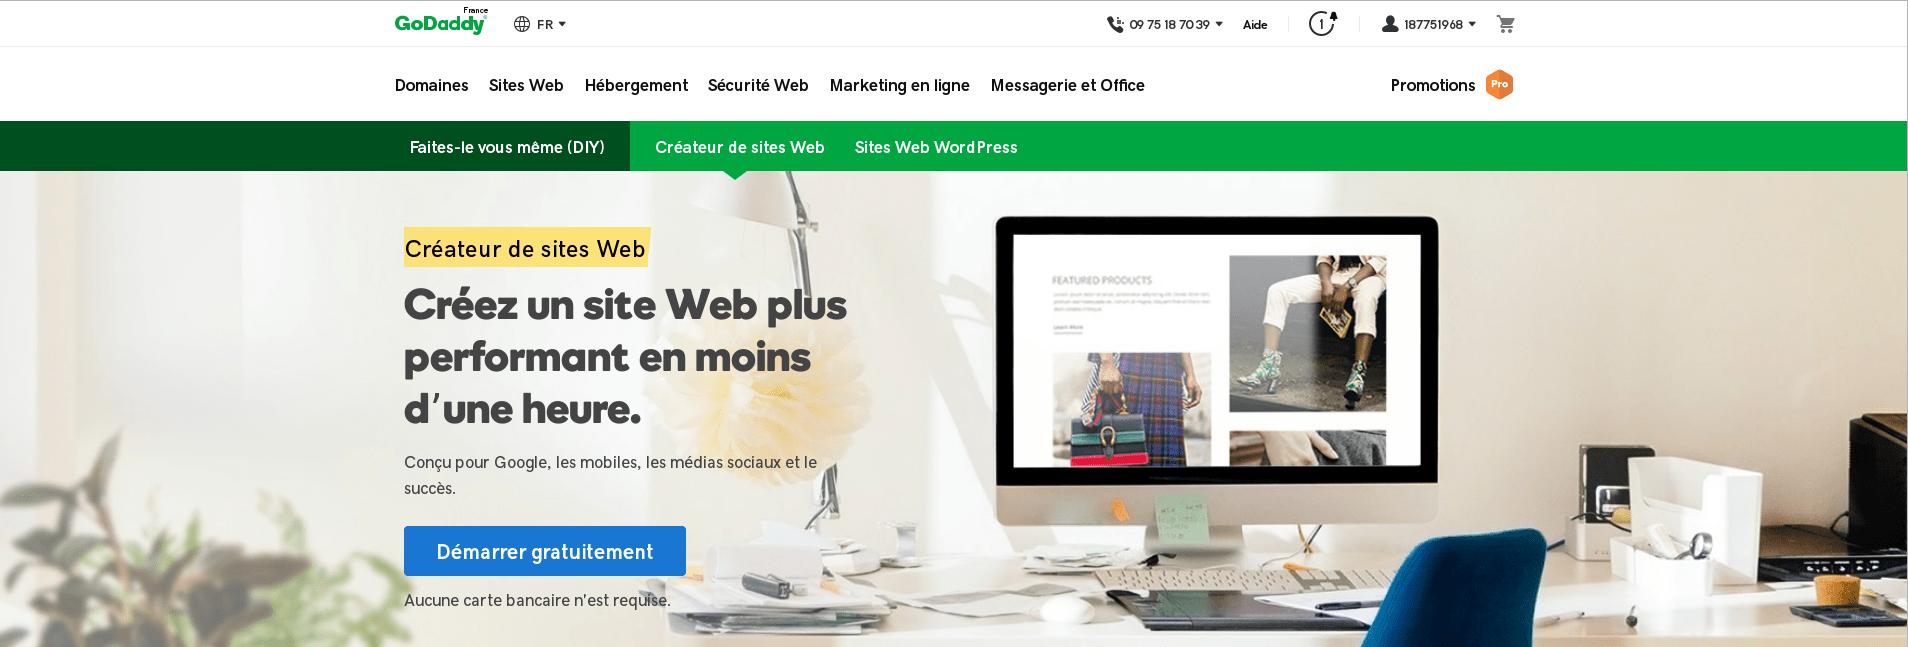 Logo du logiciel GoDaddy WebSite Builder